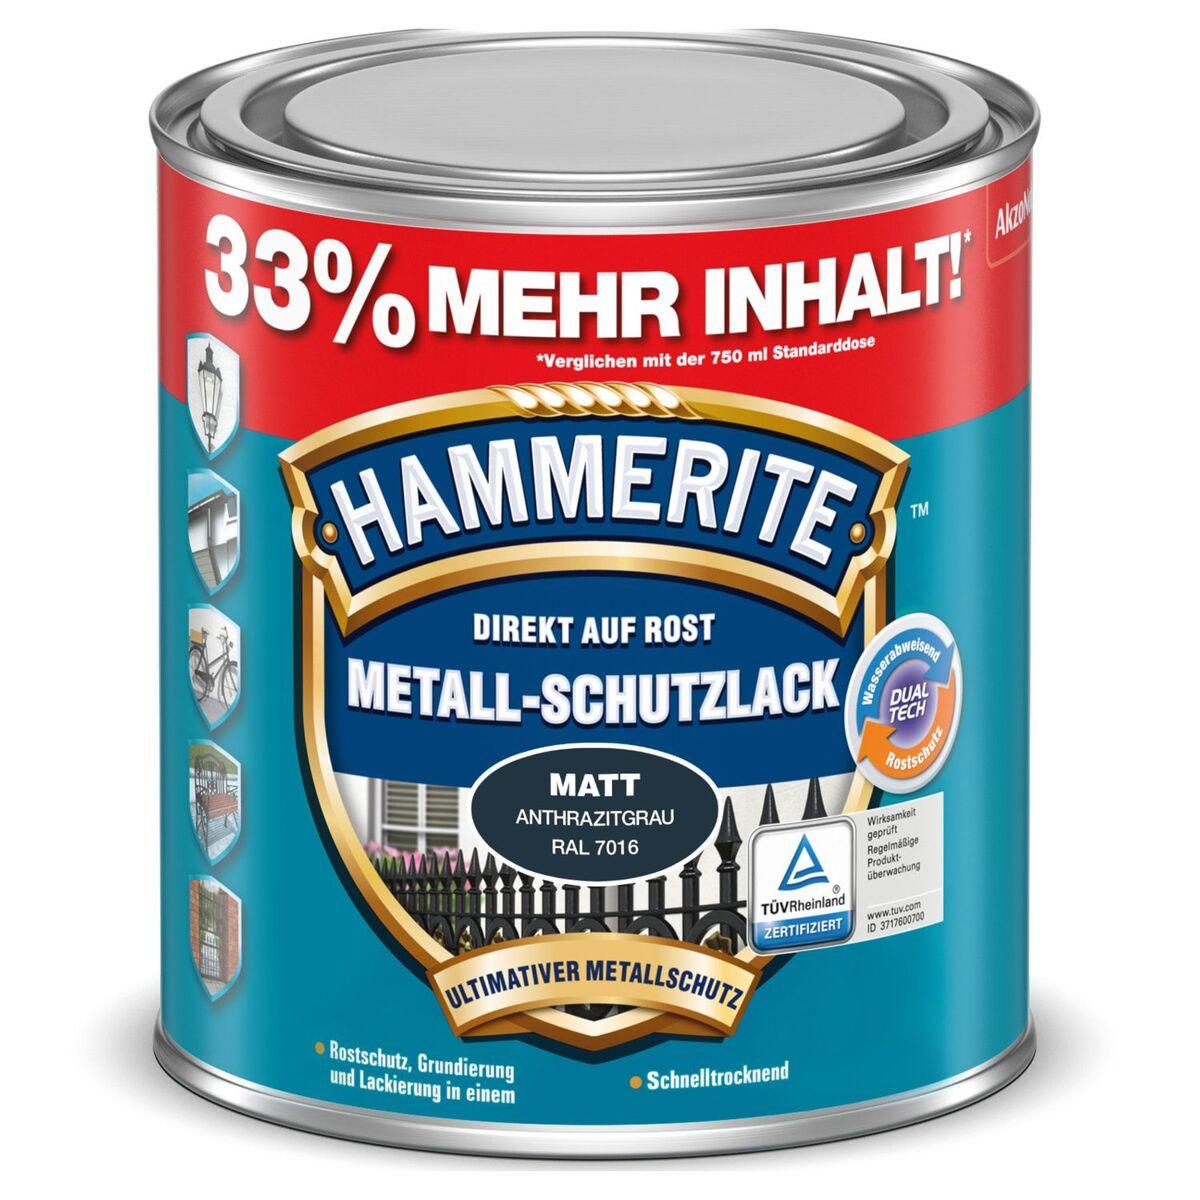 Bild 4 von HAMMERITE™ Metall-Schutzlack 1 l